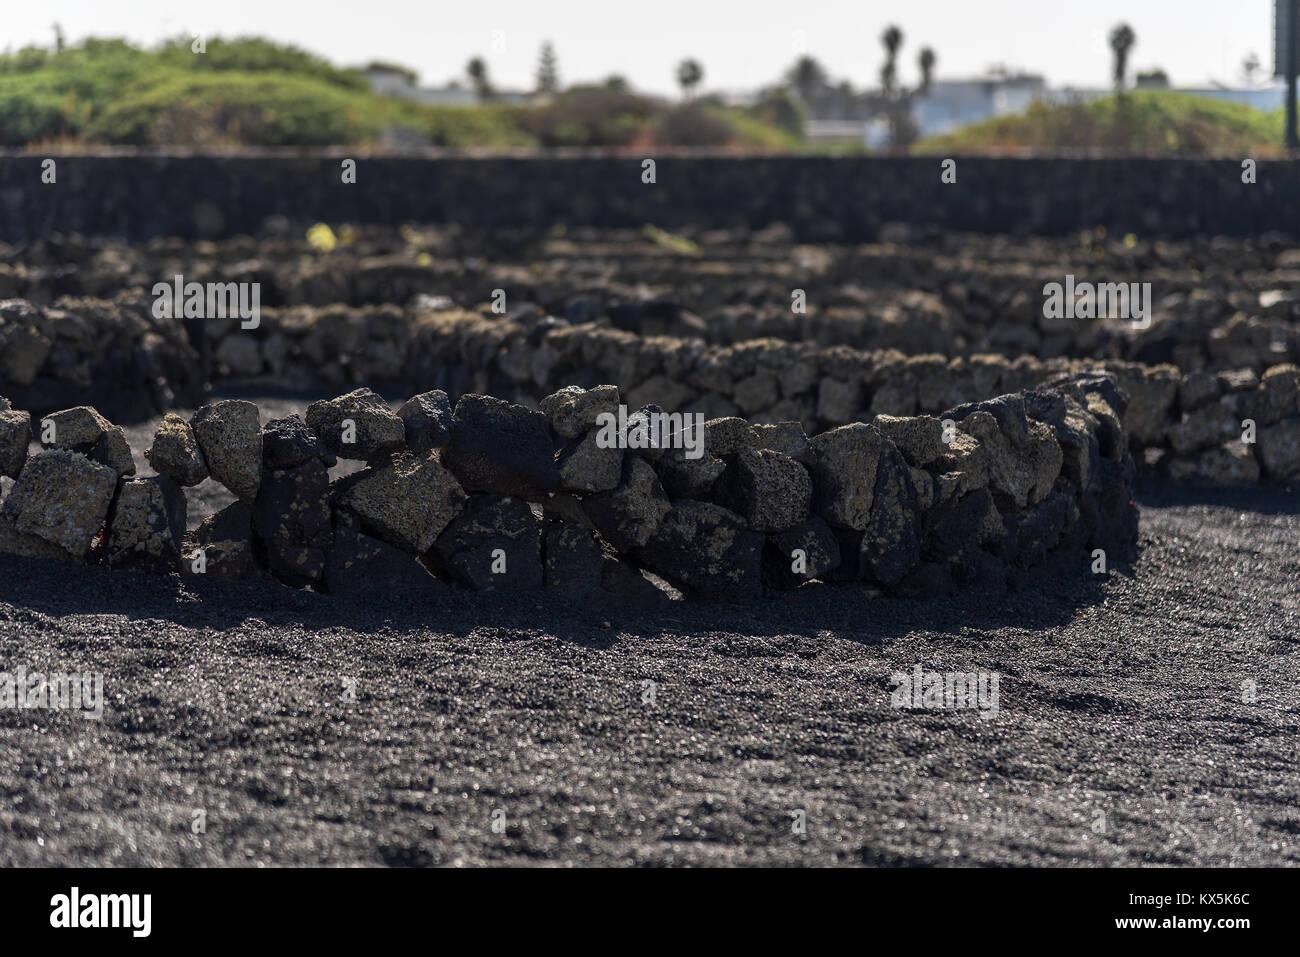 Lavasteinmauern zu Schutz der angebauten Pflanzen vor dem starken Wind auf Lanzarote - Stock Image